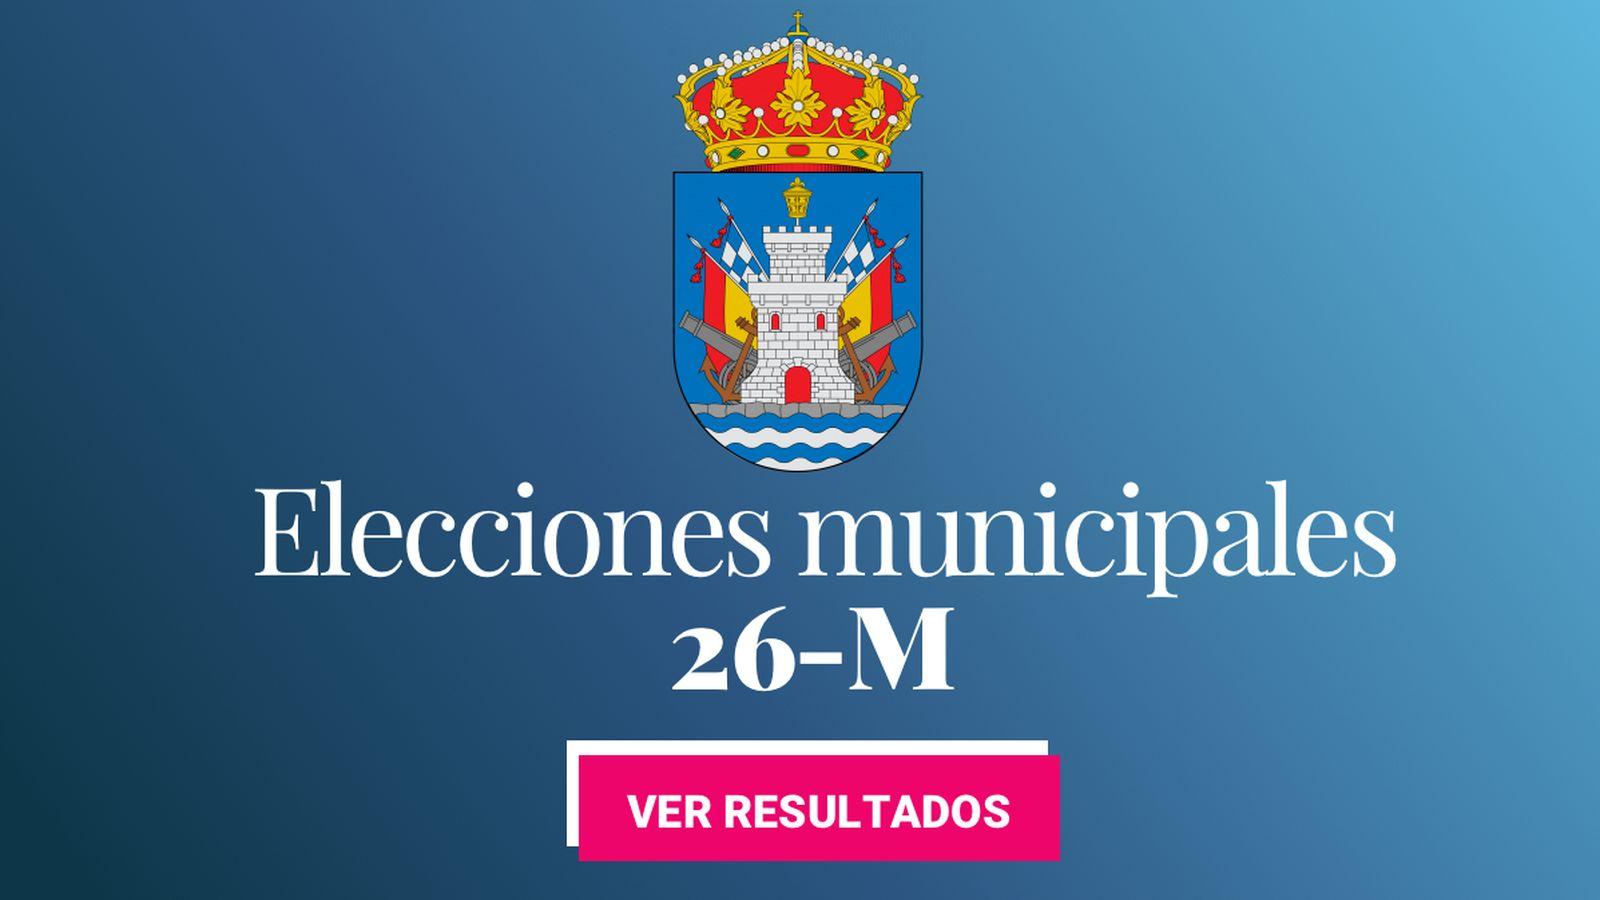 Foto: Elecciones municipales 2019 en Ferrol. (C.C./EC)